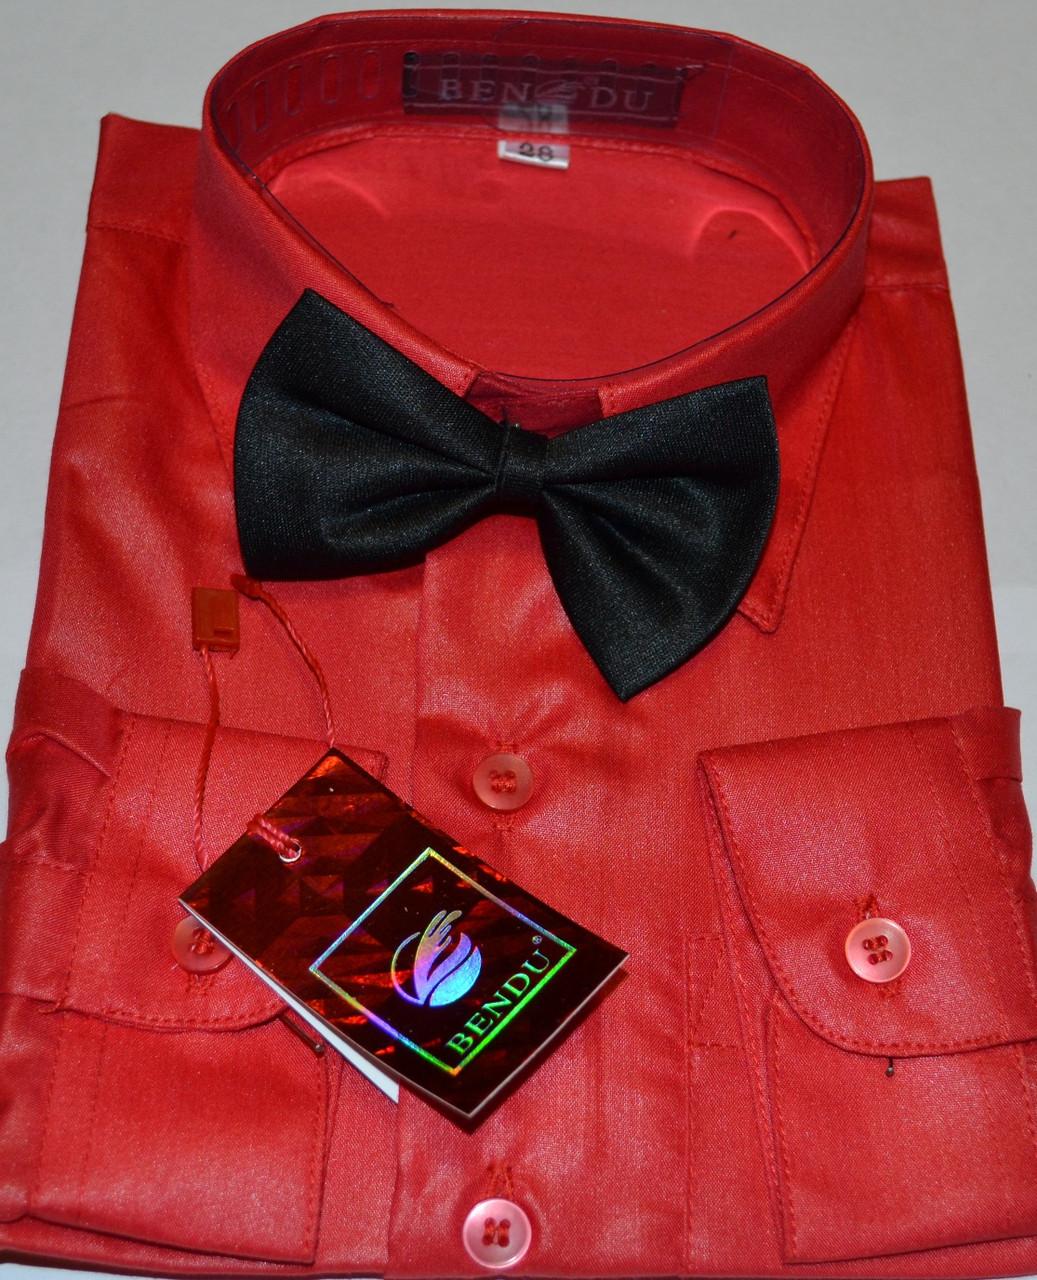 Детская красная рубашка с бабочкой BENDU (размер 25,26,27,28,29)